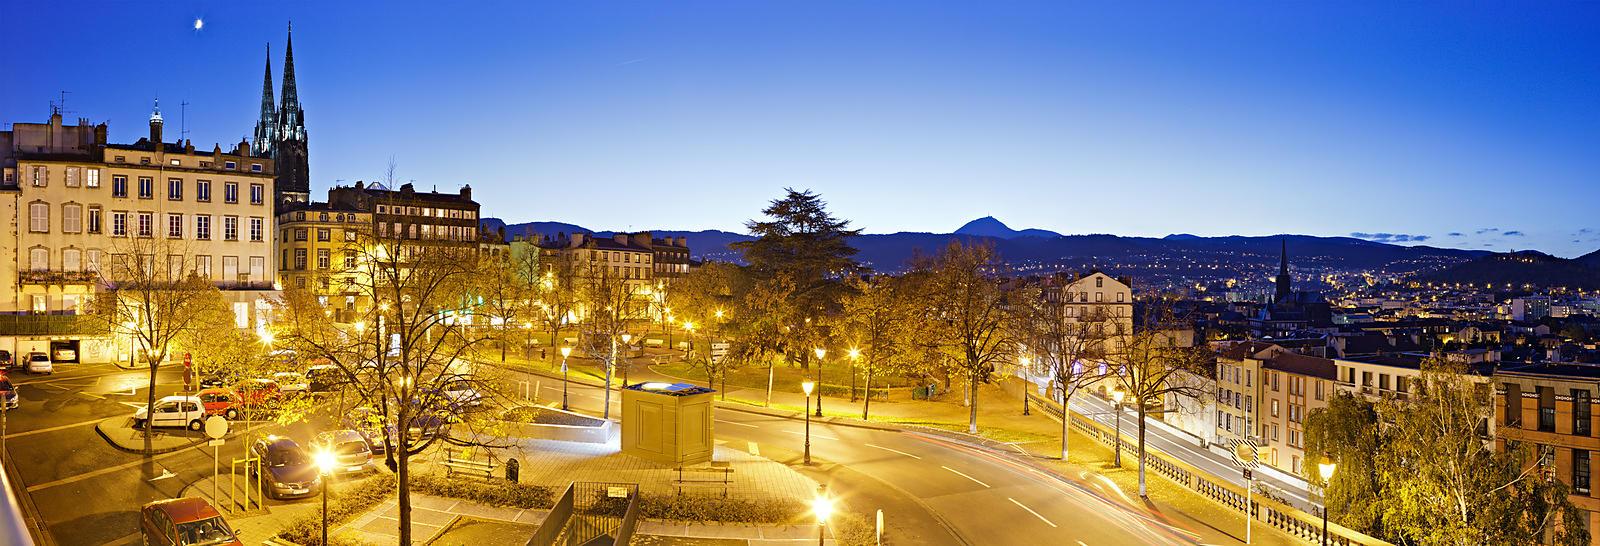 Phototh Que Arnaud Frich Place De La Poterne Au Cr Puscule Clermont Ferrand